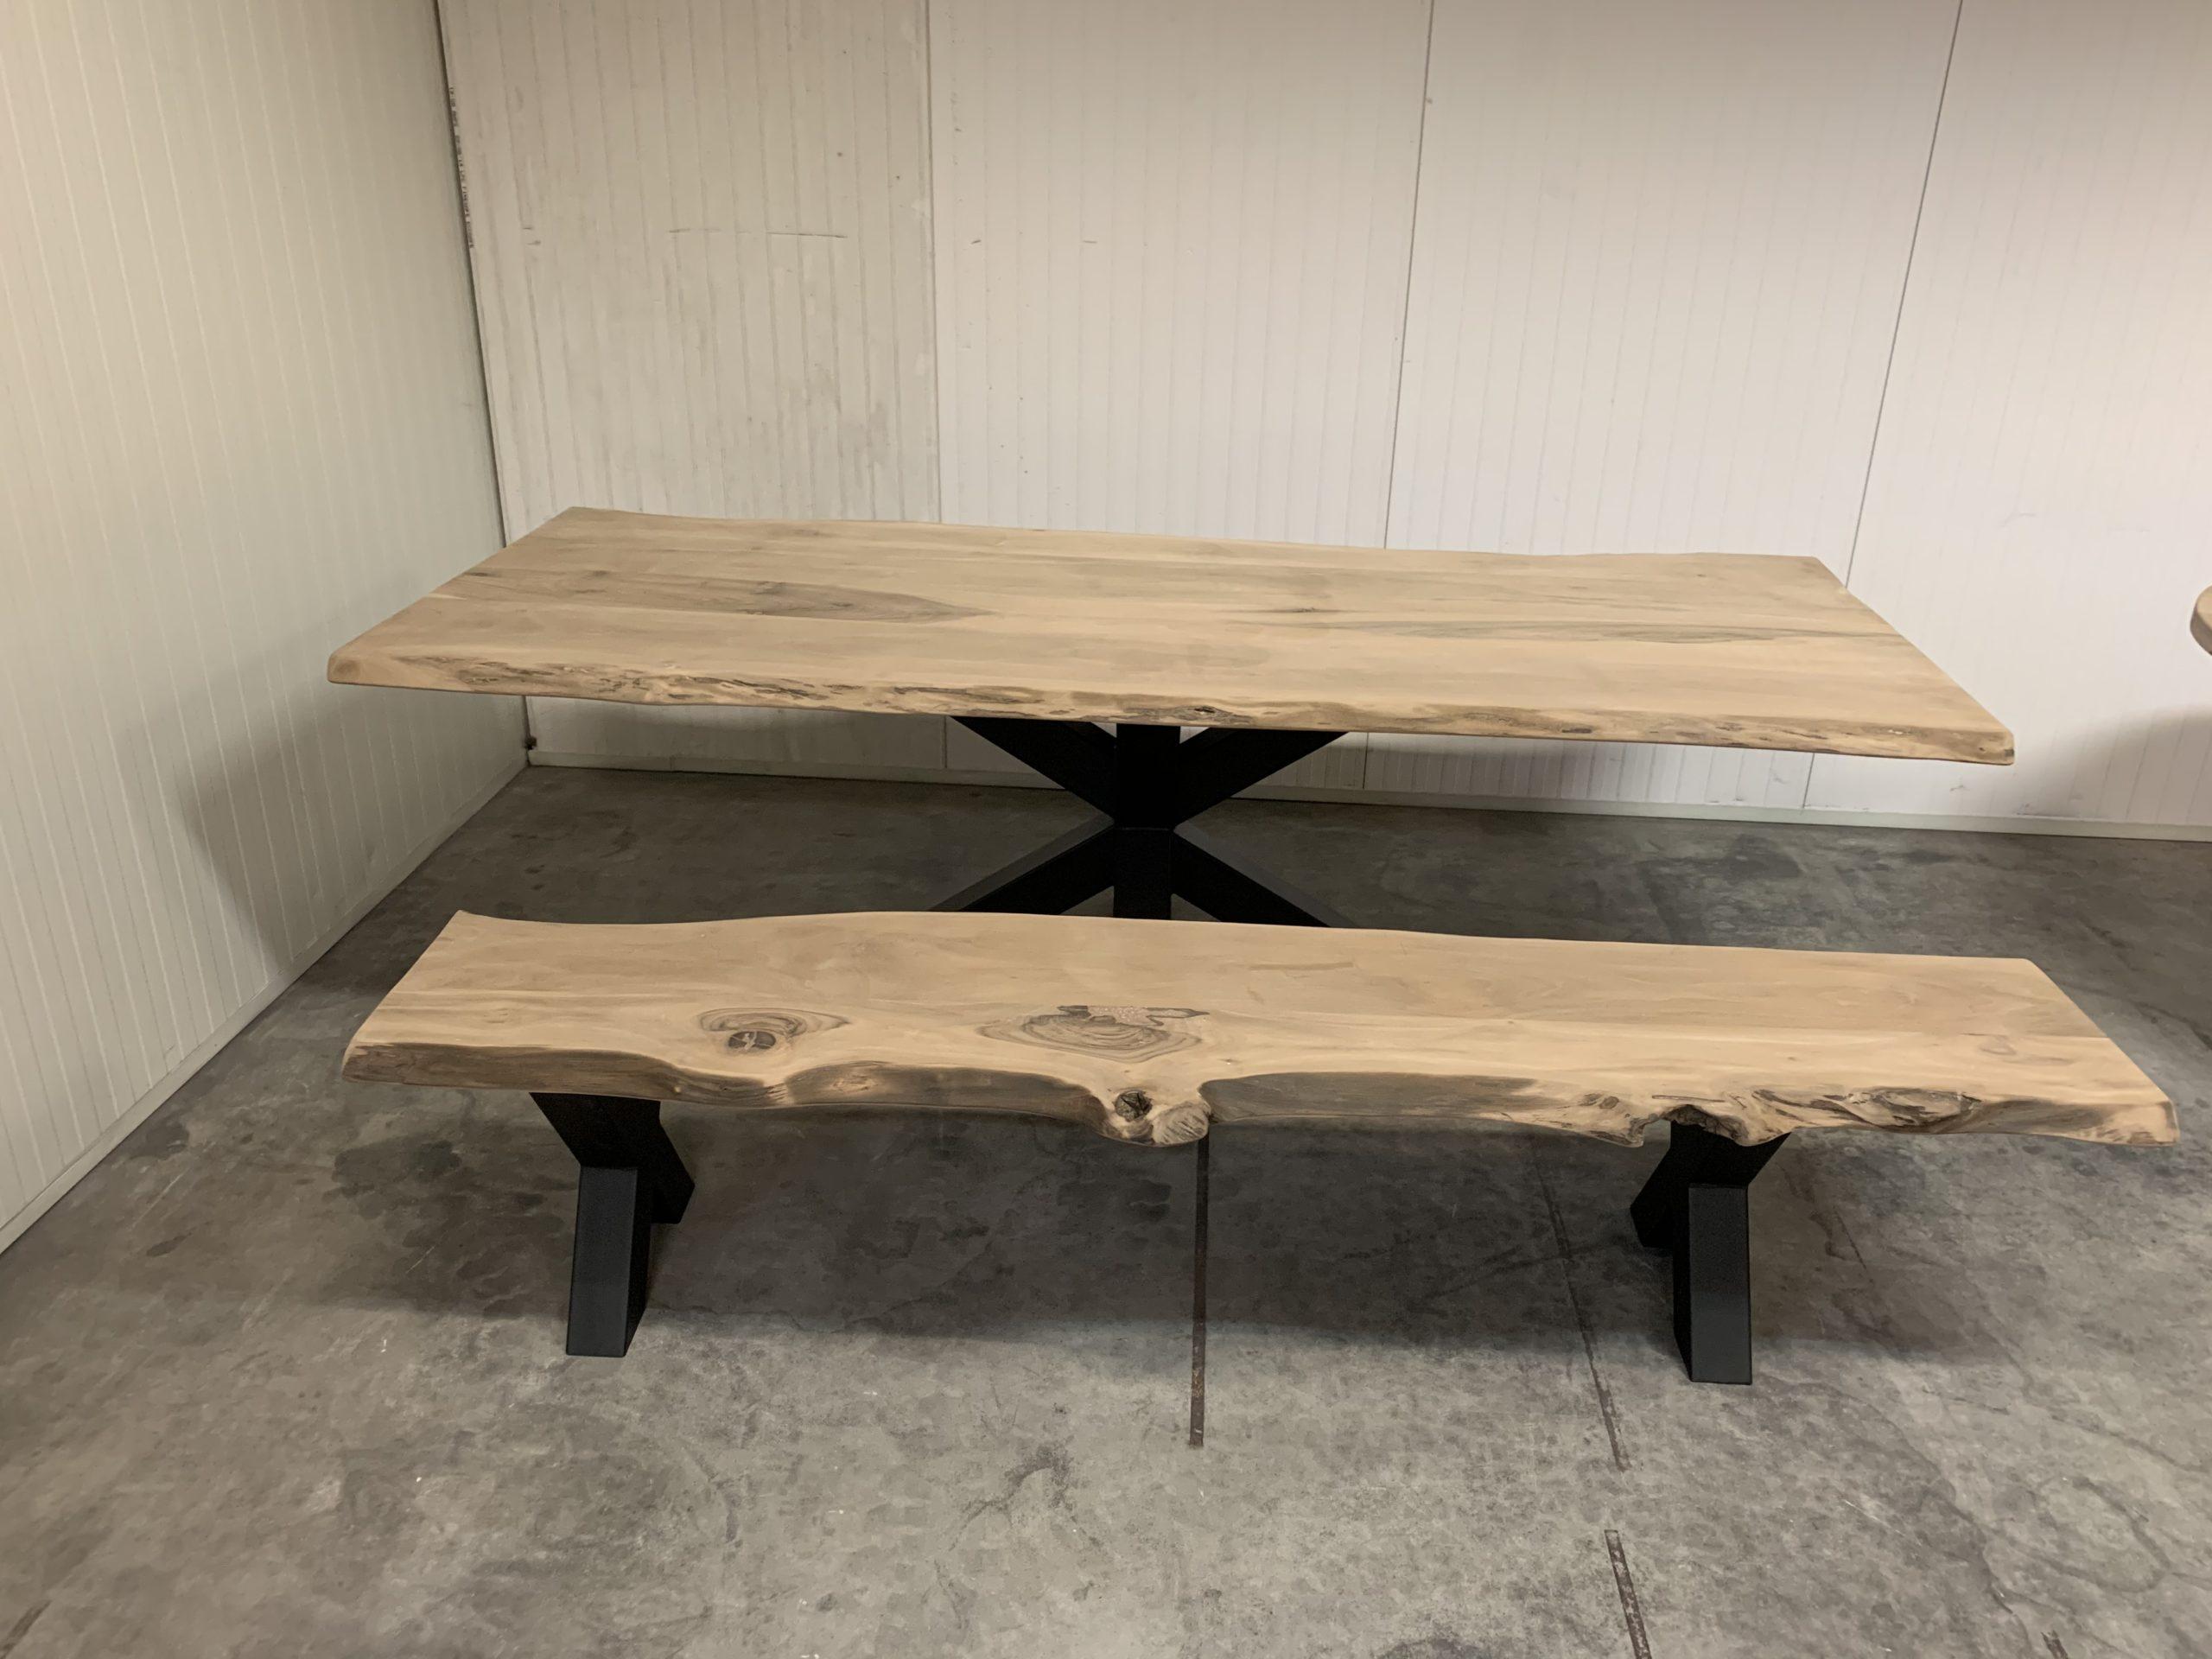 Walnoot tafelblad met bij passend bankje beide zijn uitgevoerd met een stalen X poot